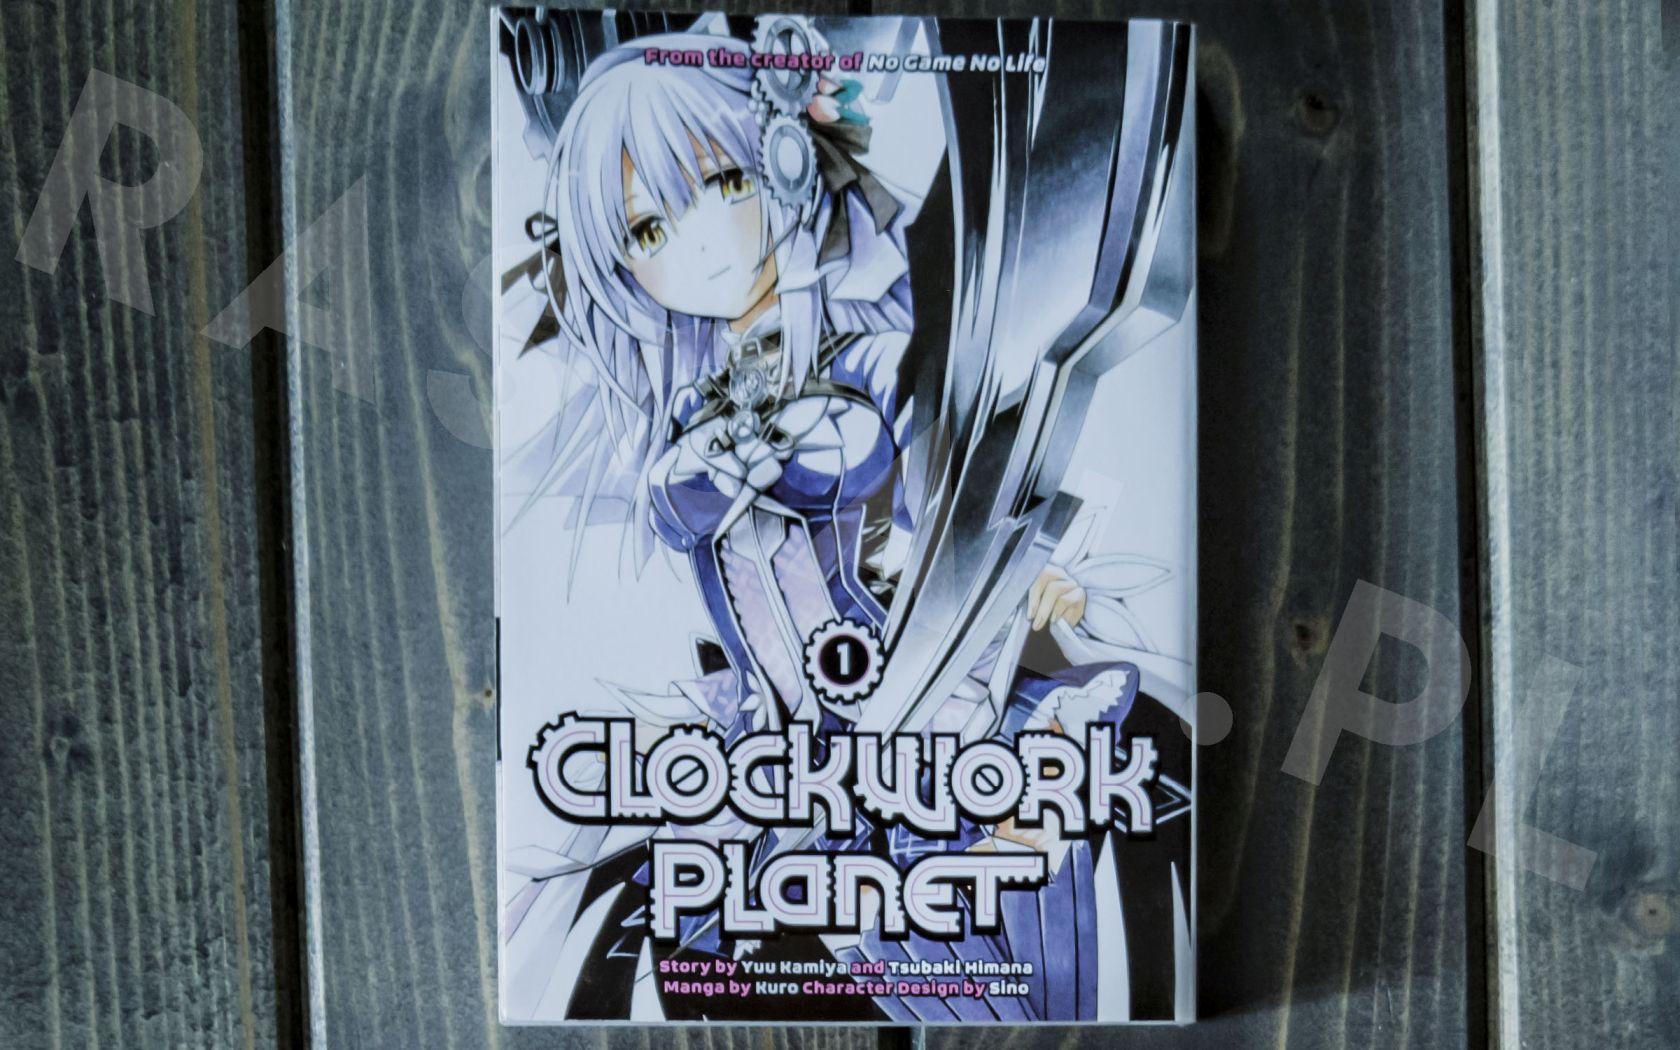 Clockwork Planet (1,2) - Kodansha - Nowości w kolekcji mangi (listopad 2020) - rascal.pl